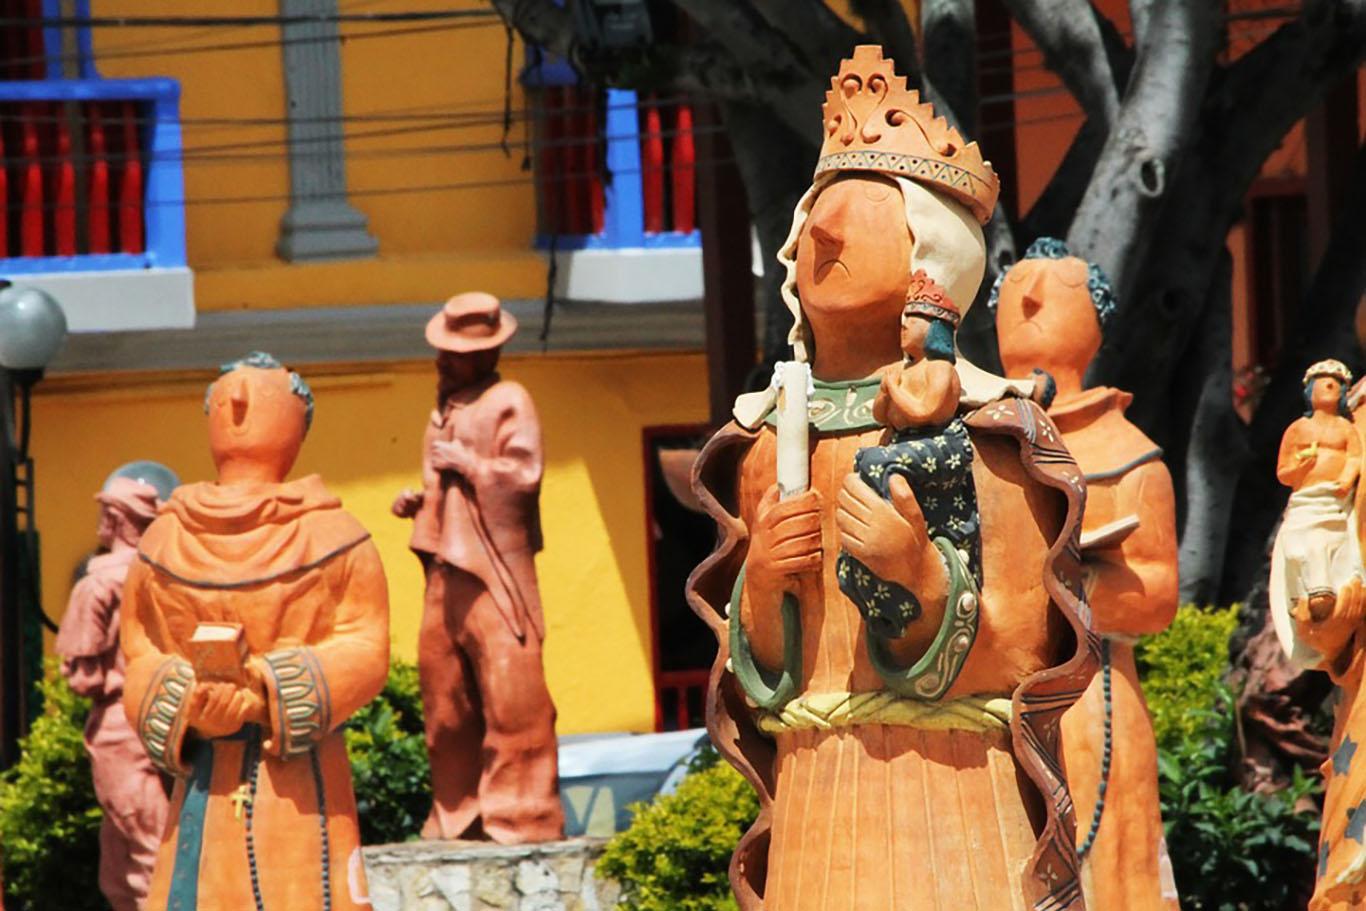 colombia-terracotta-artigianato-zeppelin